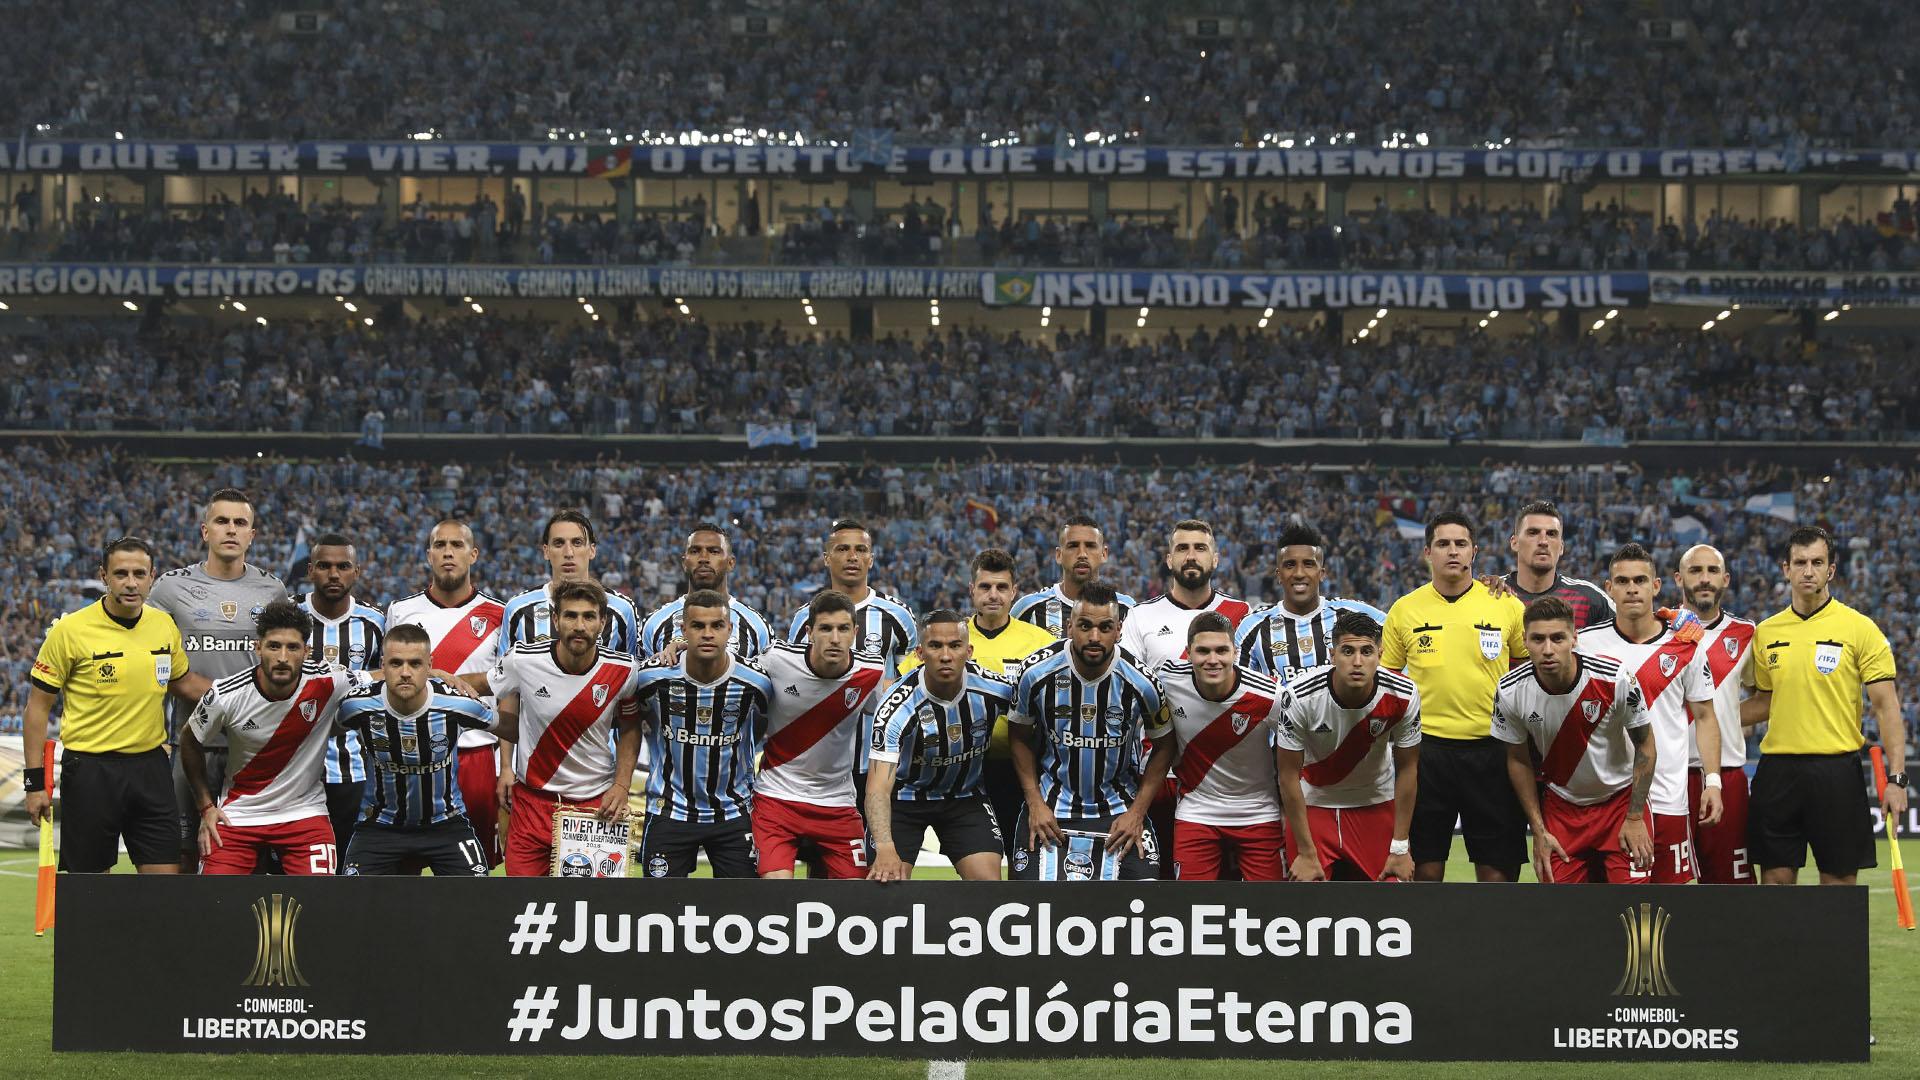 Los equipos posaron juntos a minutos del inicio de la semifinal que determinó la clasificación de River a la final. Espera por Palmeiras o Boca. El equipo argentino ganó 2 a 0 la ida y definirá la llave esta noche en Brasil (Reuters)